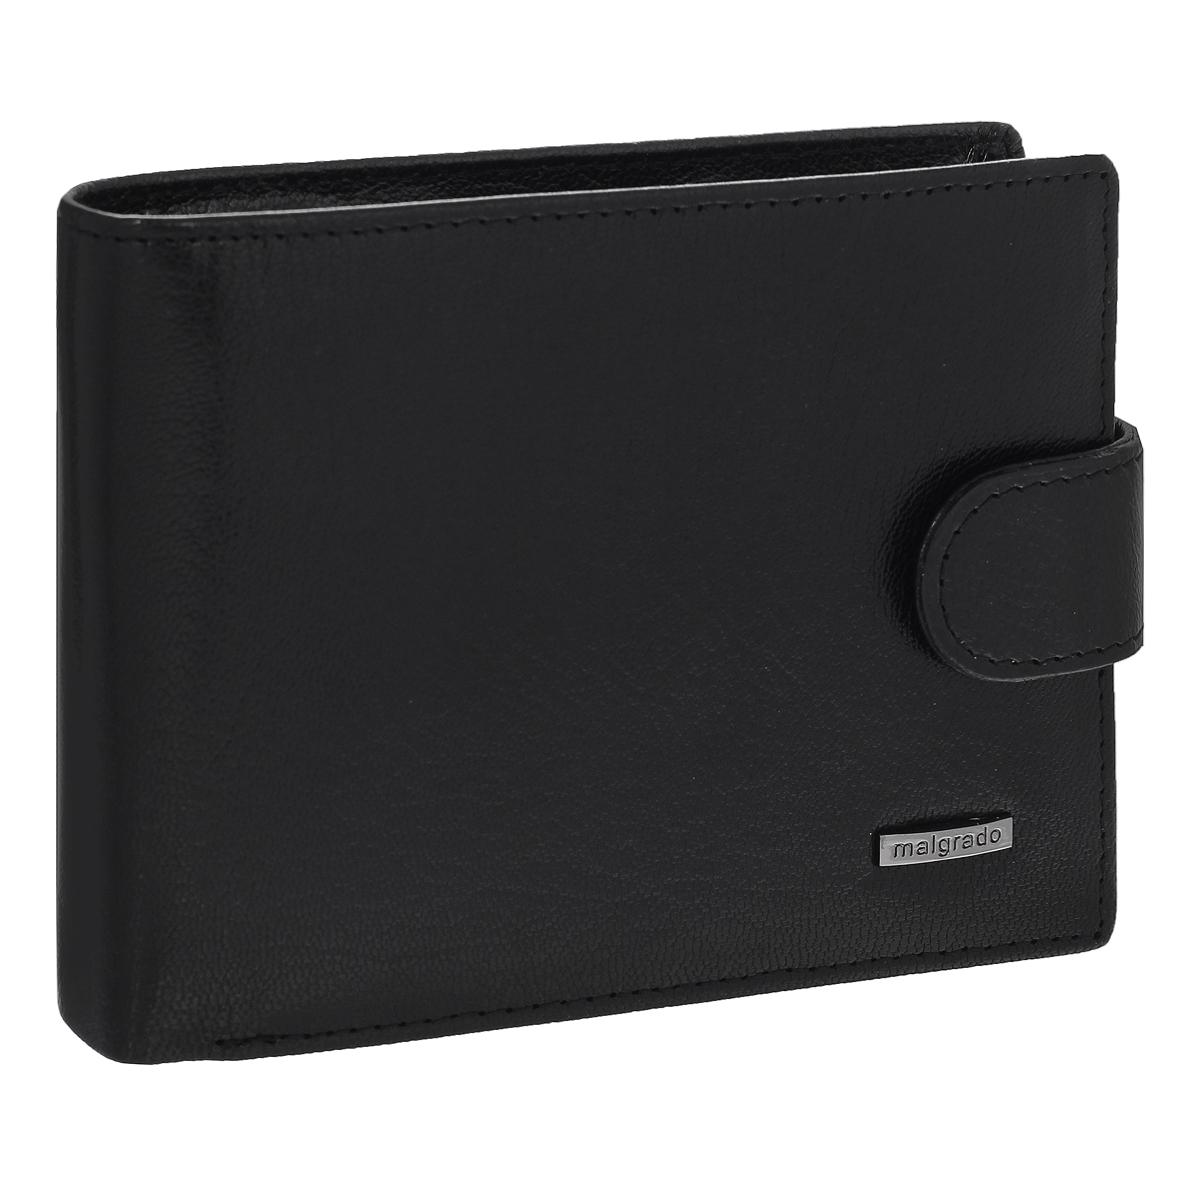 Портмоне мужское Malgrado, цвет: черный. 35027-5401D35027-5401D Black Портмоне MalgradoУниверсальное портмоне Malgrado изготовлено из натуральной кожи. Внутри содержит три отделения для купюр, одно из которых на молнии, два потайных кармашка, отсек для мелочи на кнопке, прозрачный кармашек для пропуска или фотографии, отделение для визиток или кредитных карт на шесть карточек, прорезной кармашек и два кармана из прозрачного пластика. Также предусмотрено потайное отделение на застежке-молнии. Закрывается портмоне хлястиком на кнопку. Благодаря насыщенному цвету и лаконичному дизайну, такое портмоне подойдет любителям классических аксессуаров.